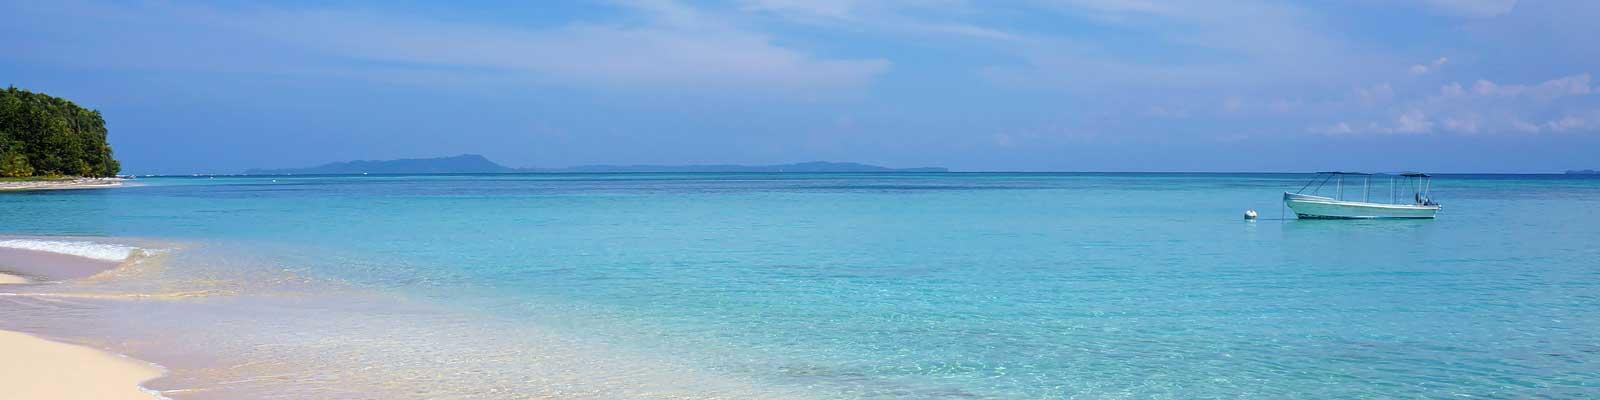 Panama Tranquilo Mar Azul Casas, Praias, Ferias.